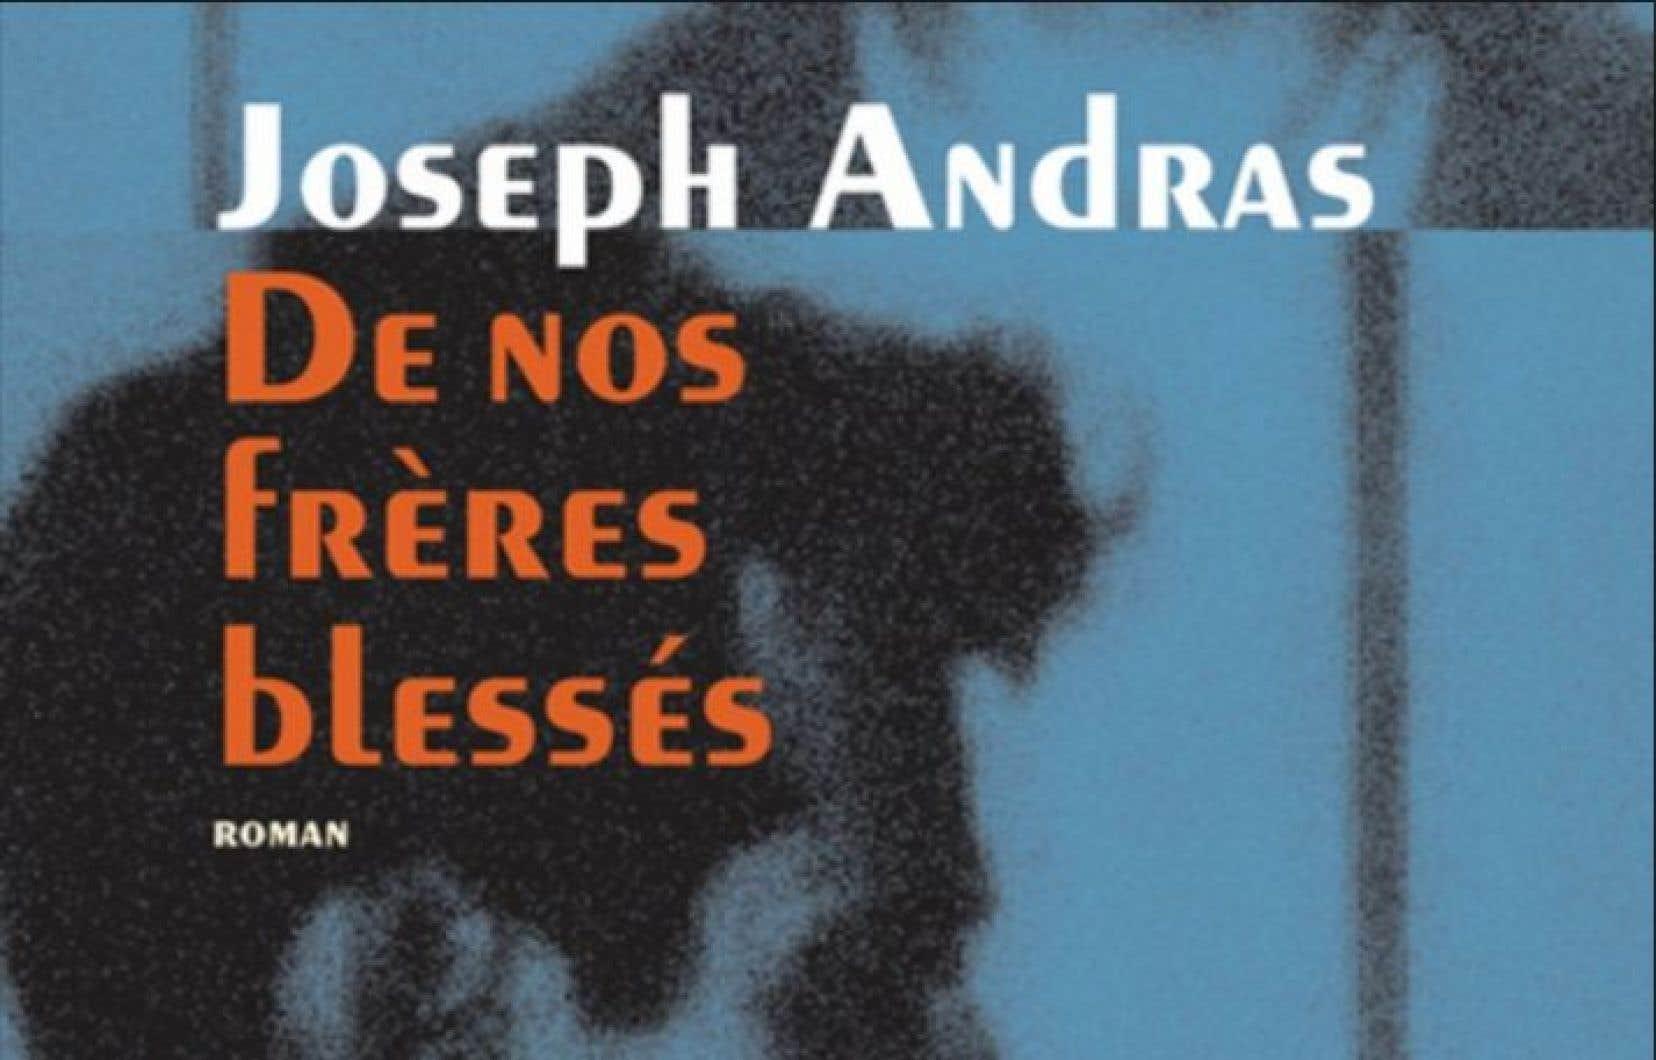 Le récit d'Andras captive par sa force et sa maturité. L'auteur né en 1984, qui ne veut nulle publicité ni médiatisation, n'a pas découvert le sujet, bien documenté, mais il le raconte avec brio.